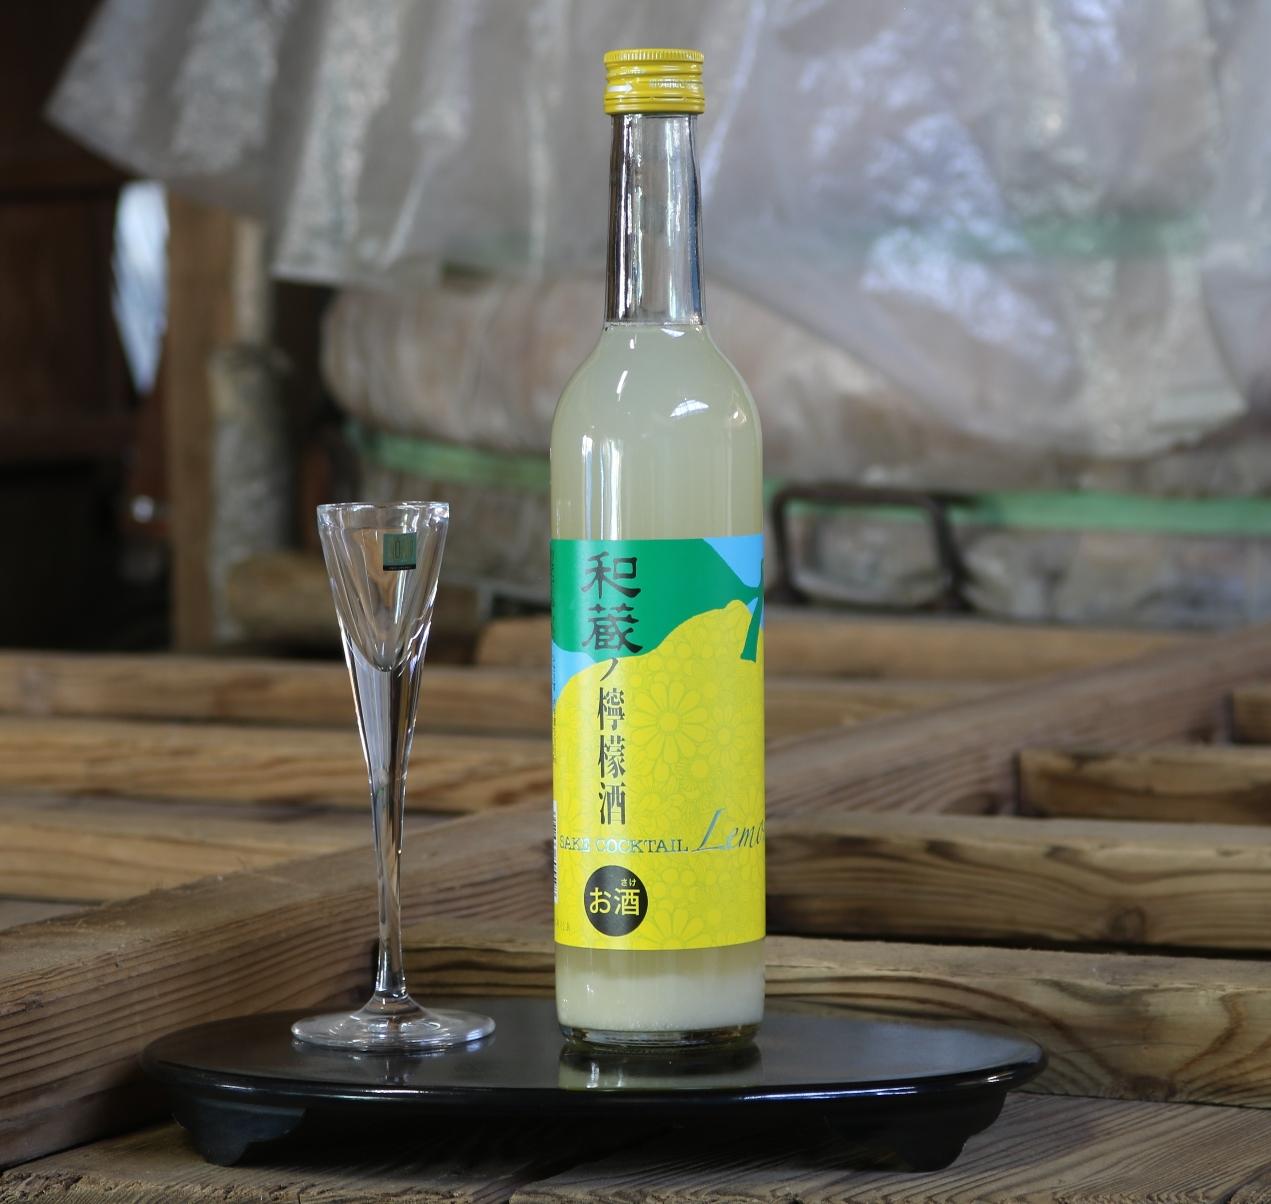 和蔵の檸檬酒500ml